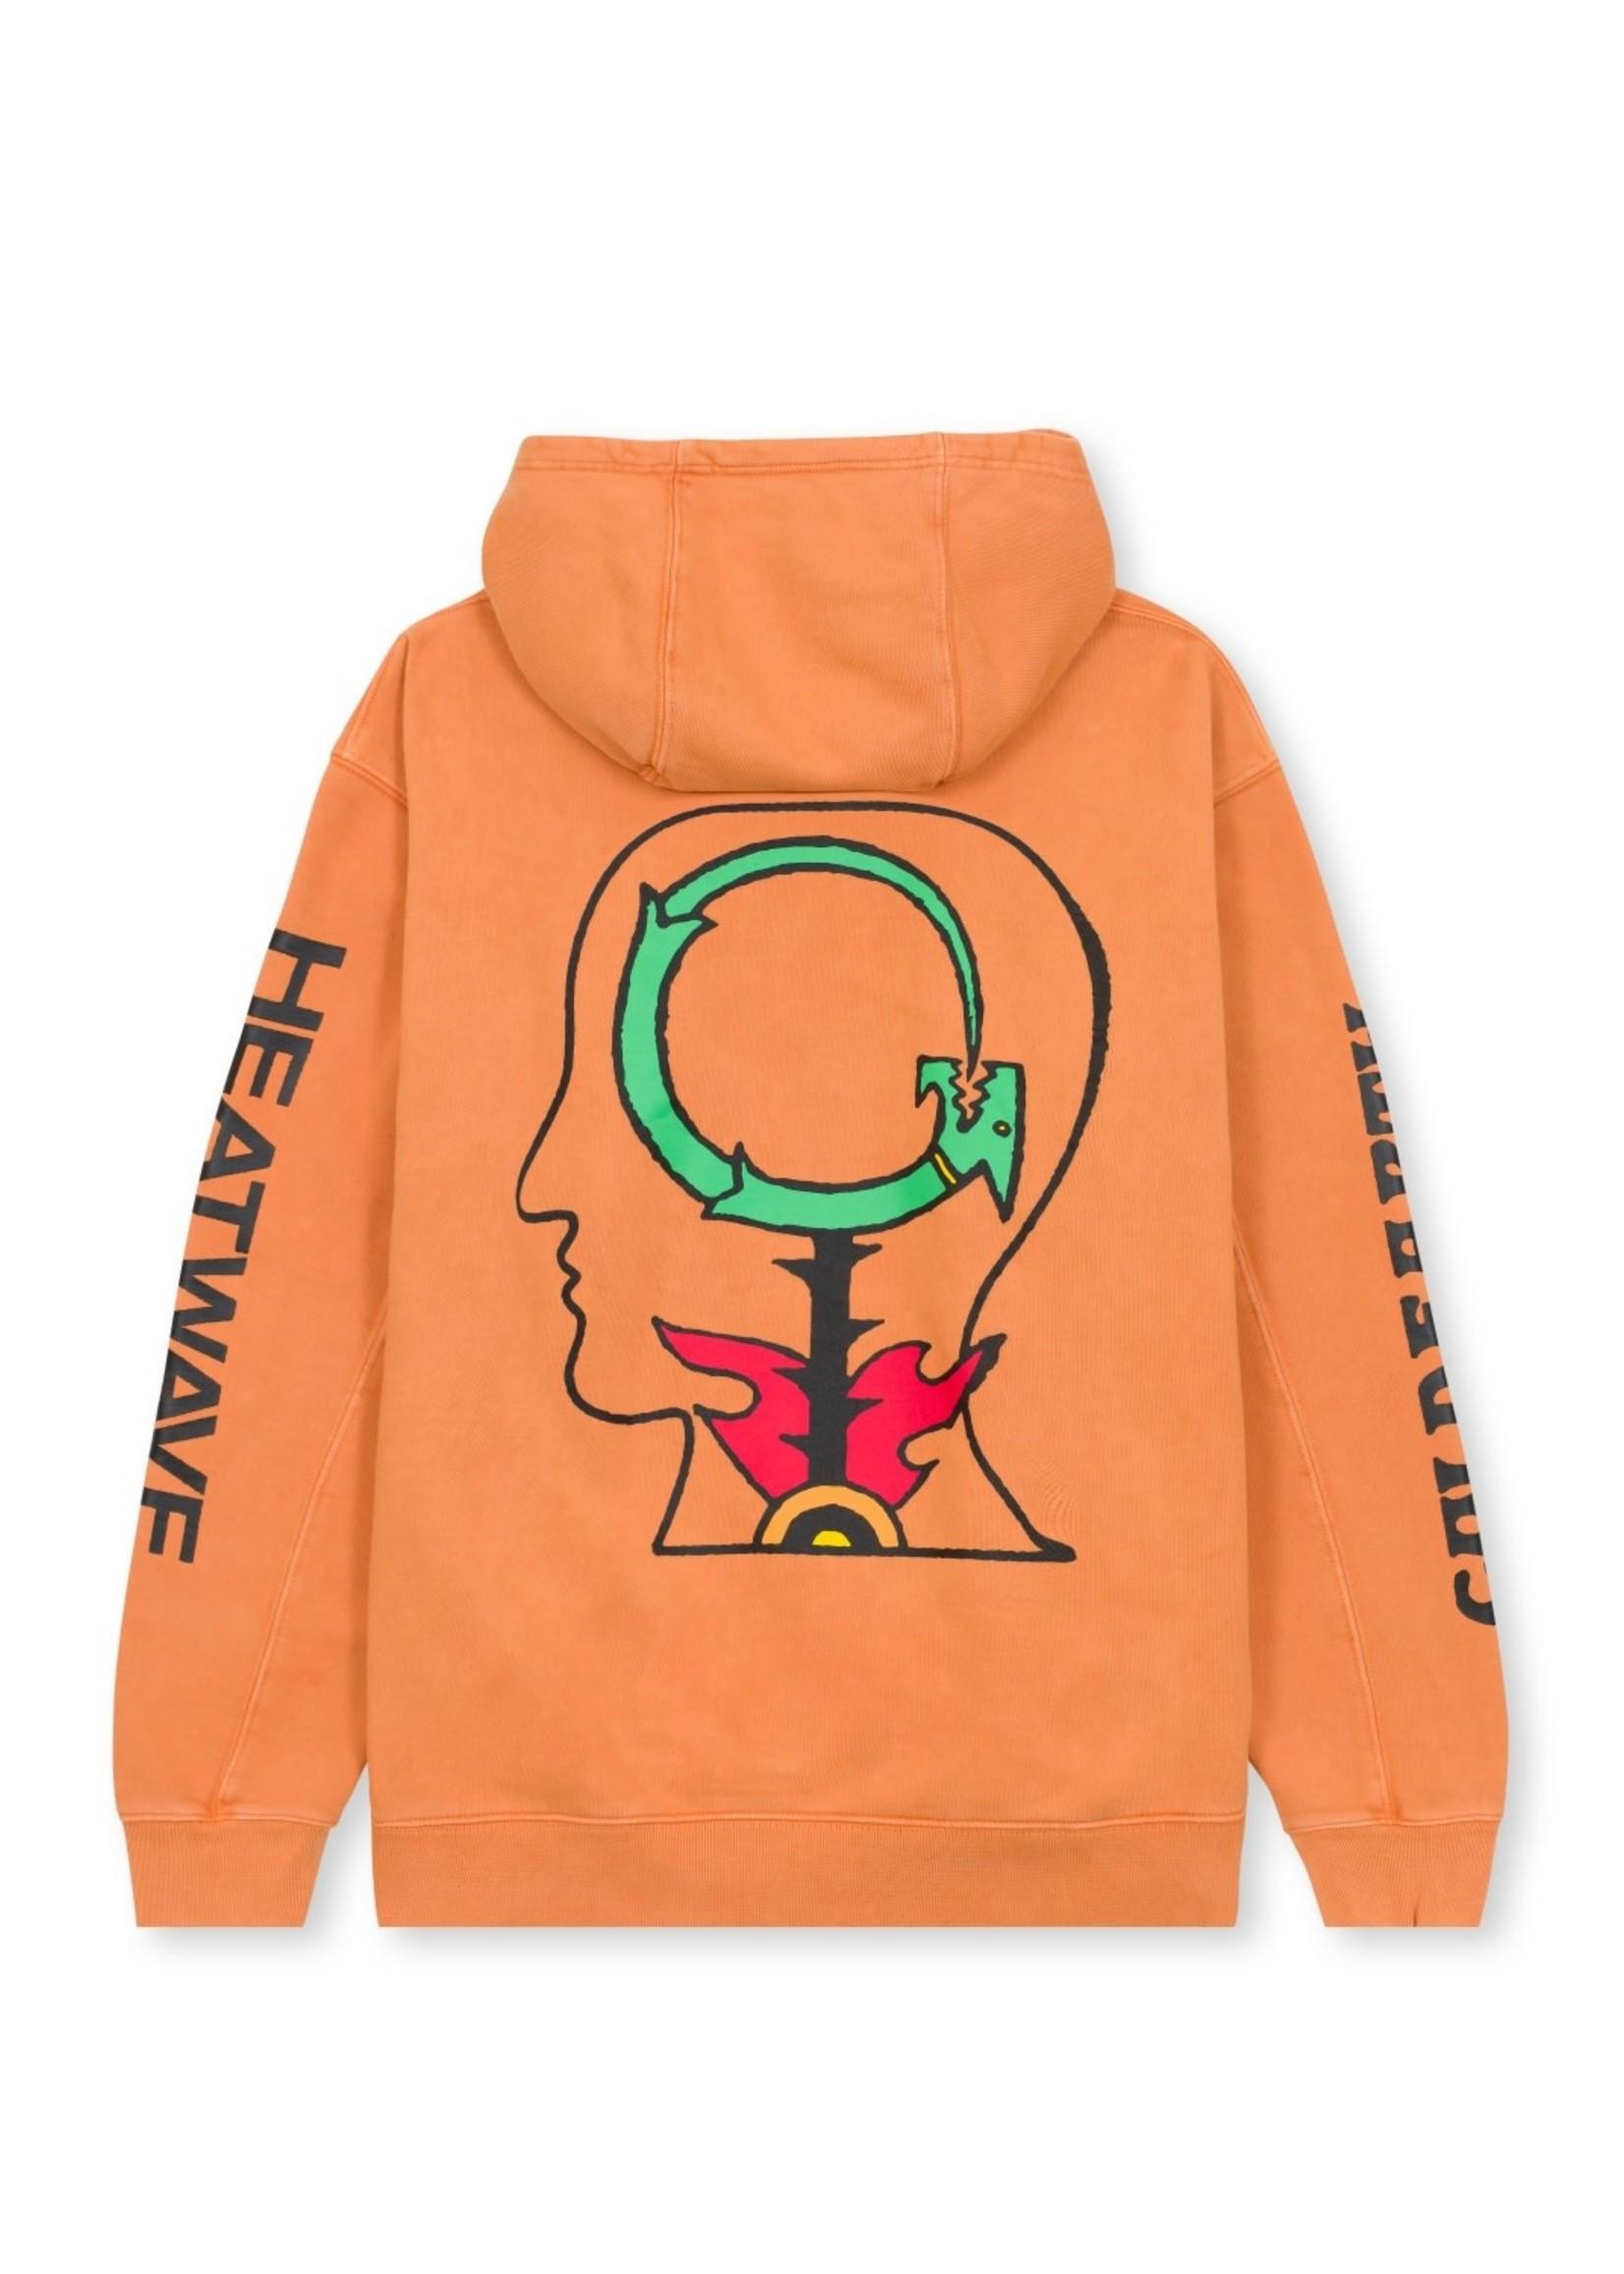 Brain Dead Heatwave Hooded Sweatshirt in Orange